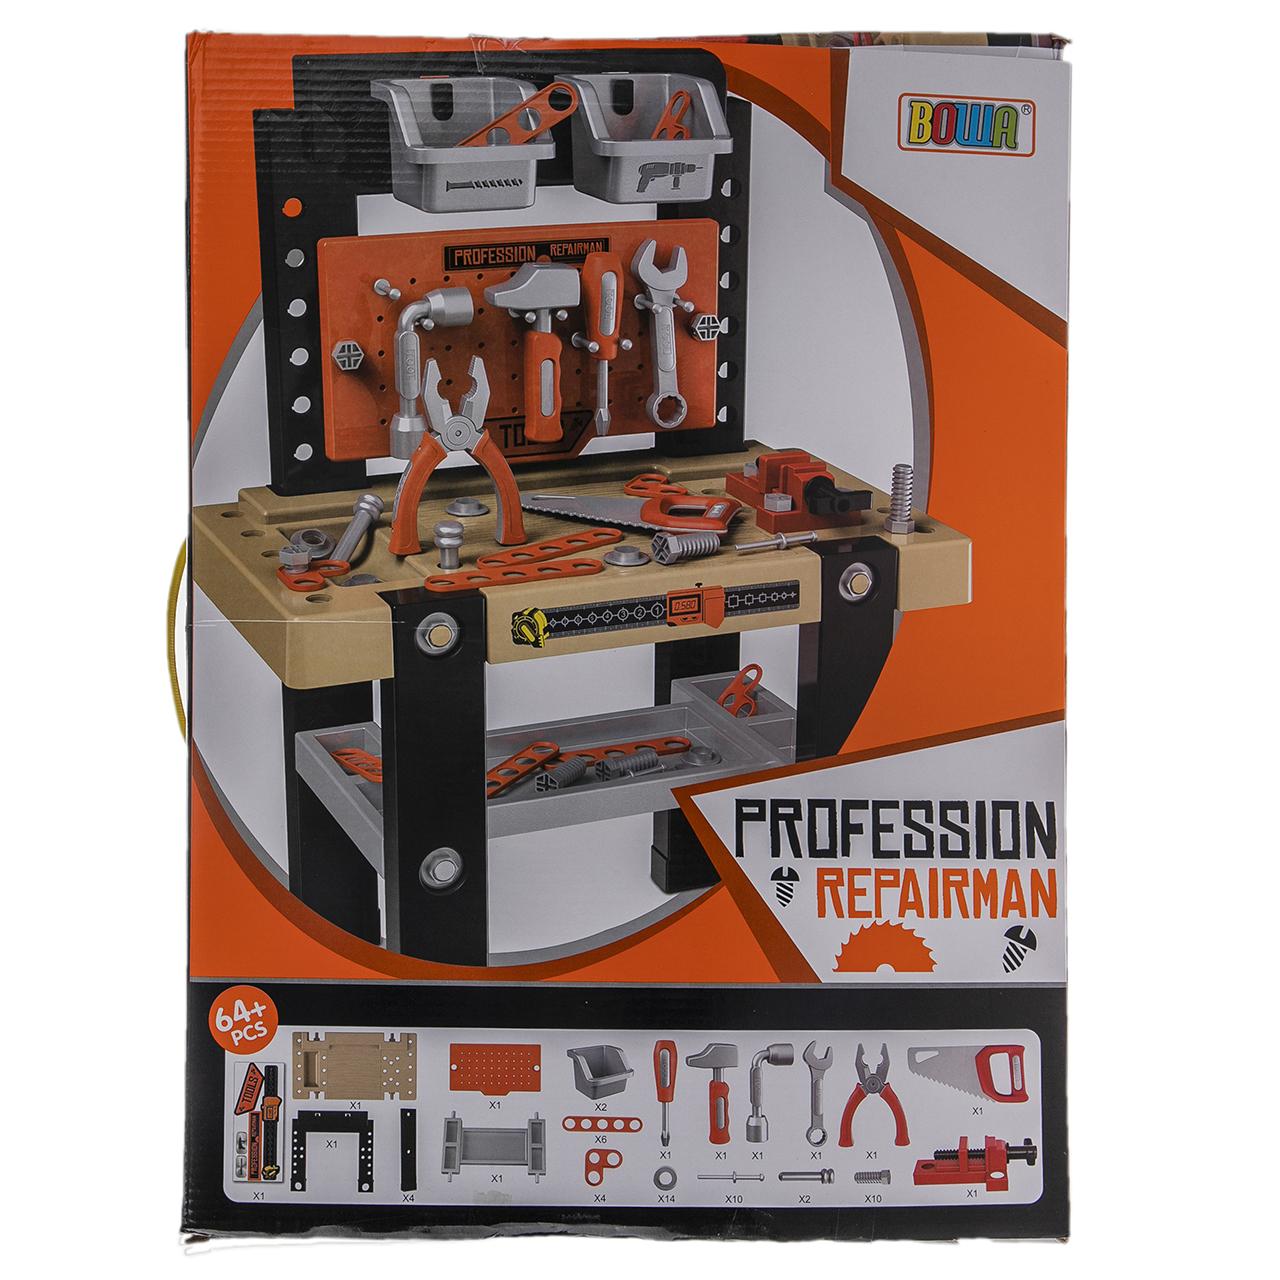 میز ابزار کودک بووا مدل PROFESSION REPAIRMAN کد 8013